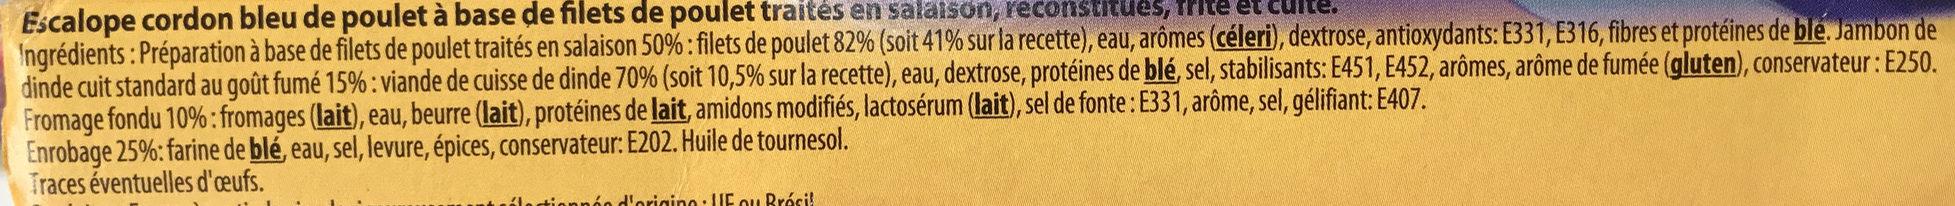 Escalope de cordon bleu poulet - 25% de sel en moins - Ingredients